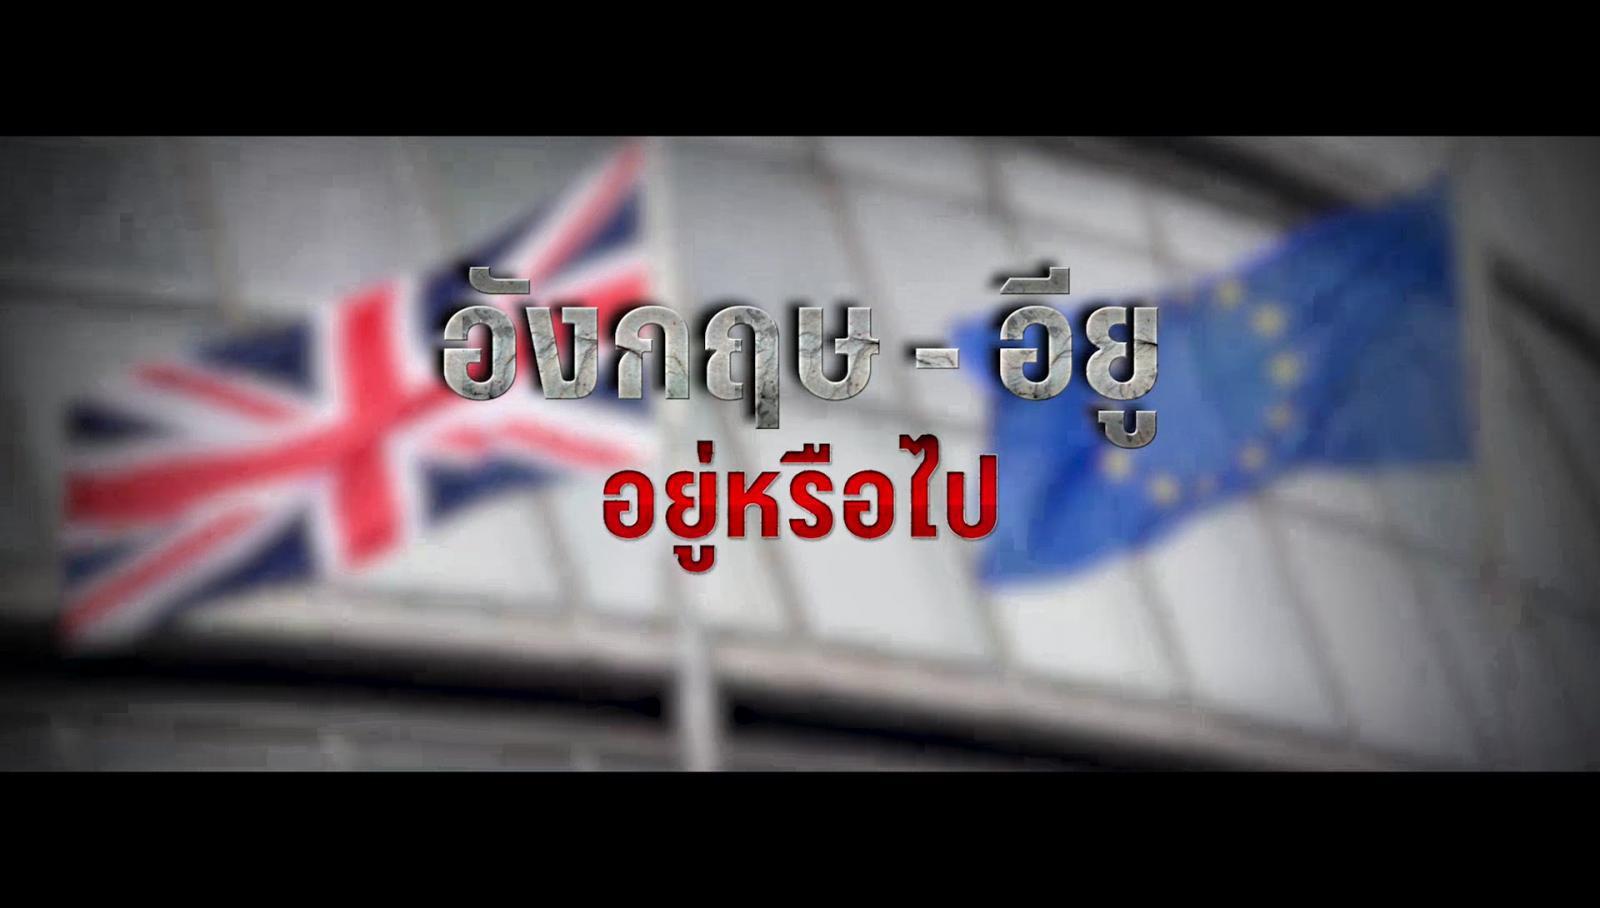 อังกฤษ-อียู อยู่หรือไป